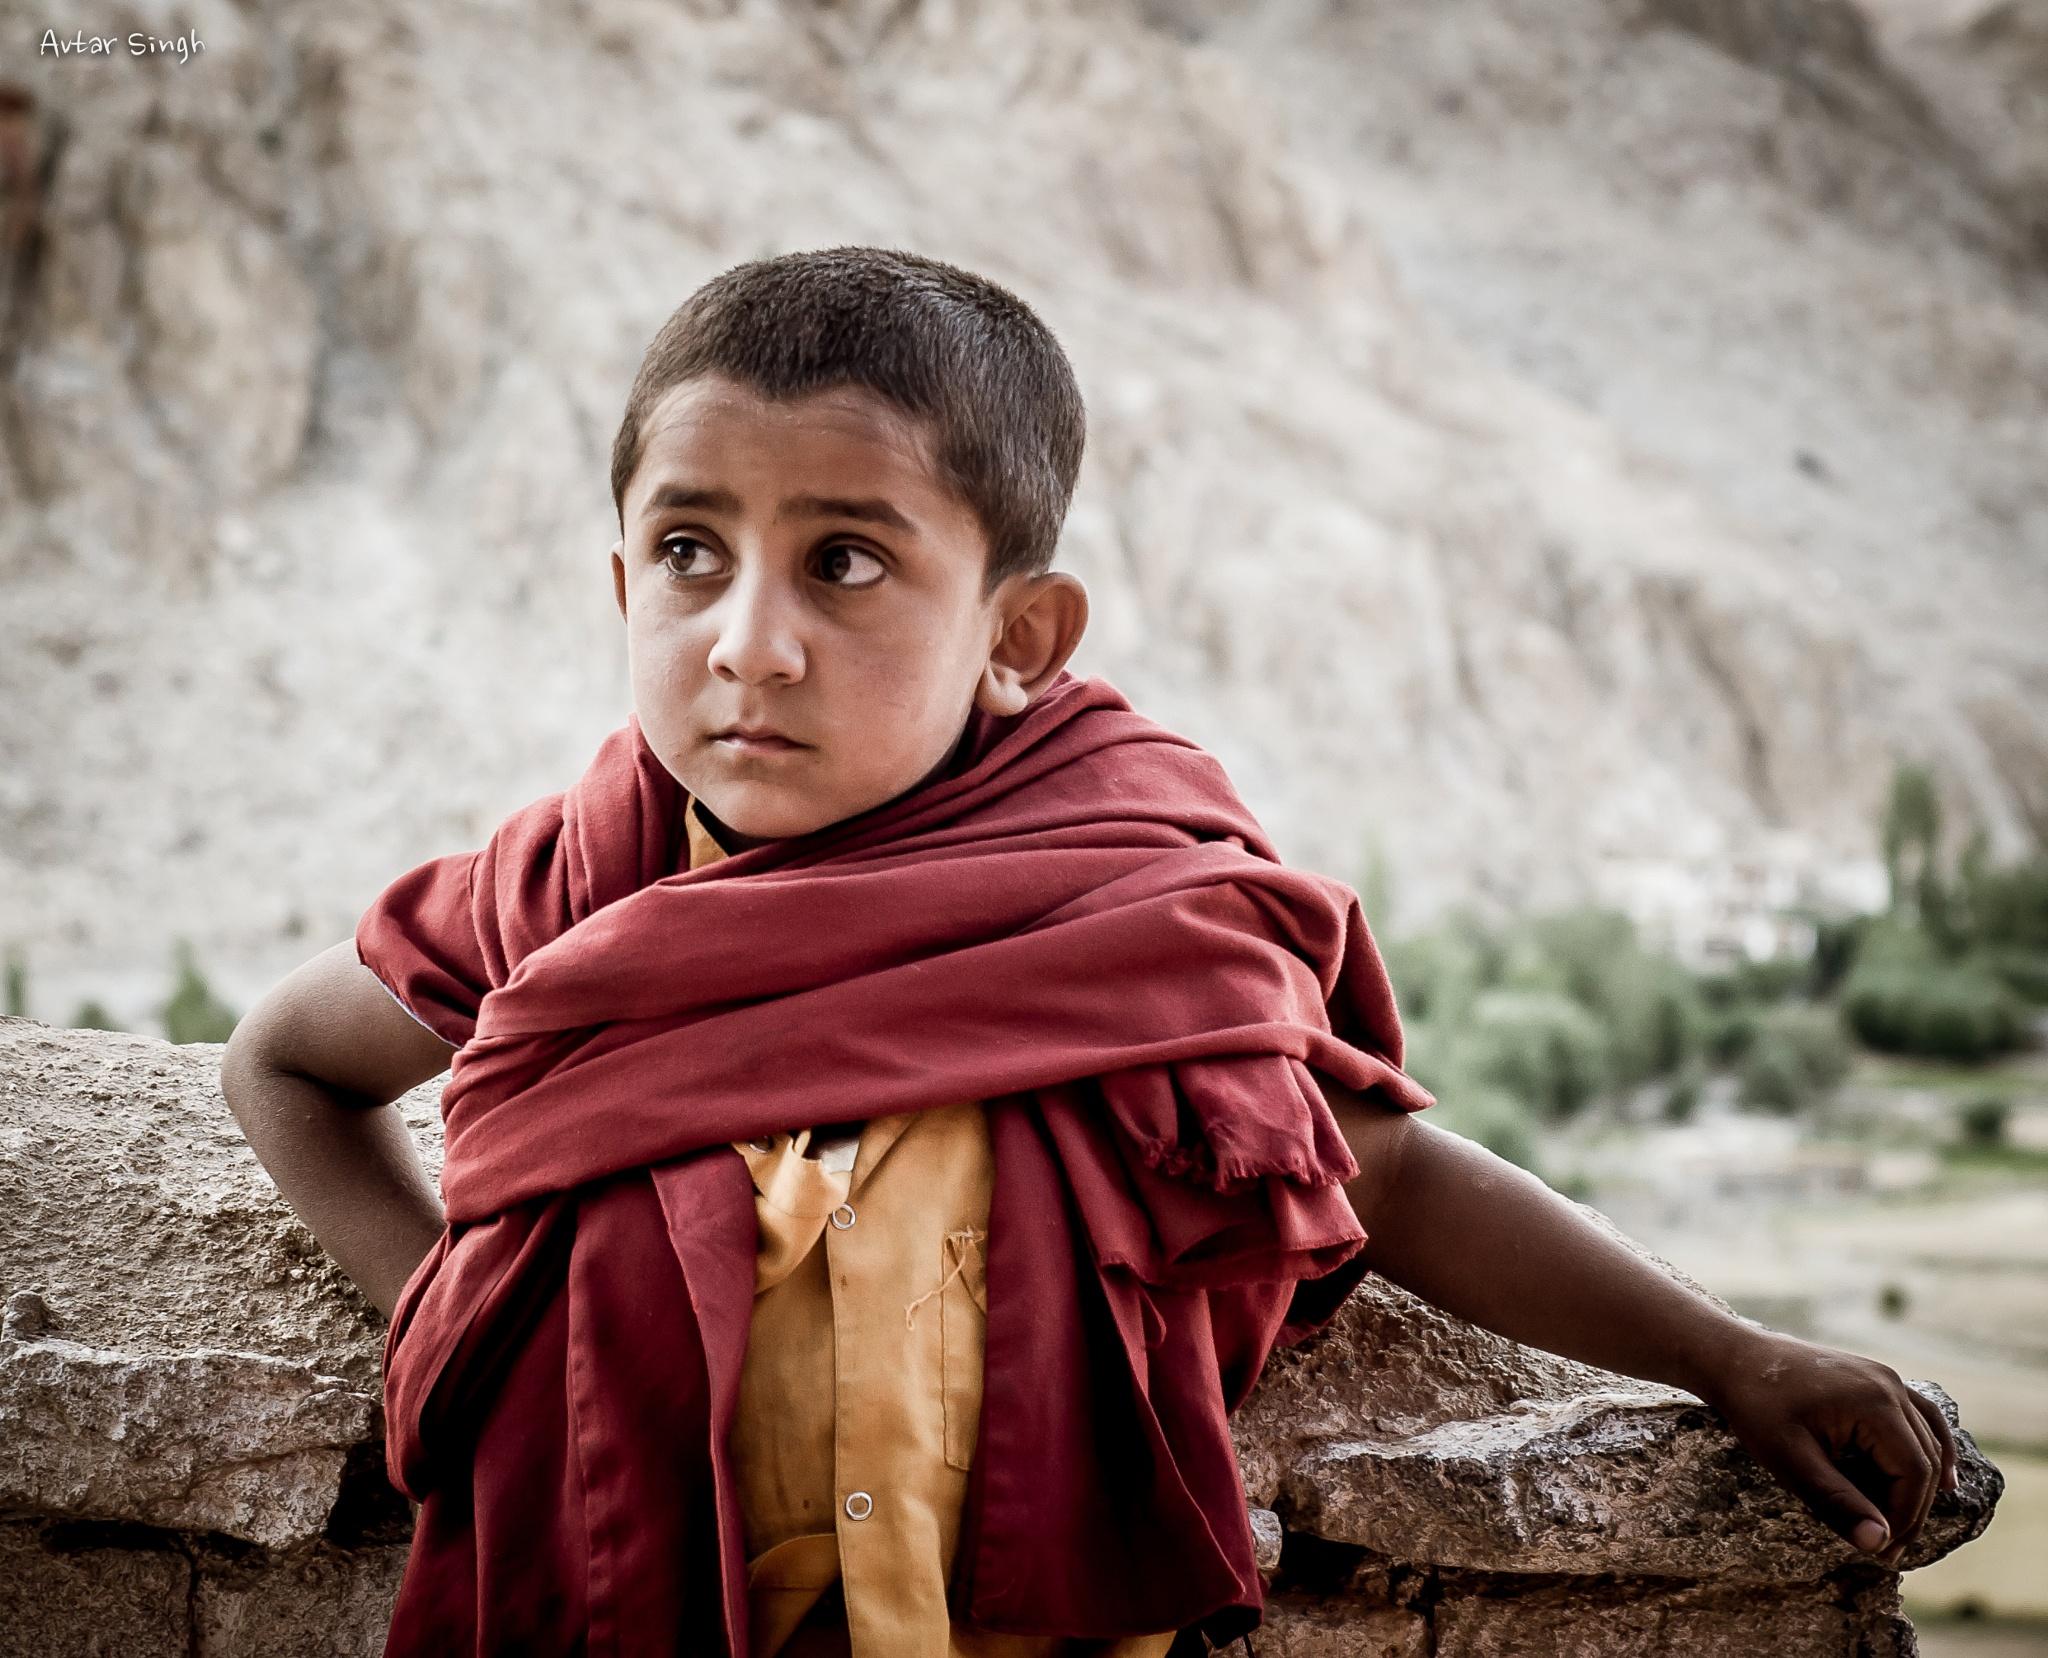 Little Lama by Avtar Singh